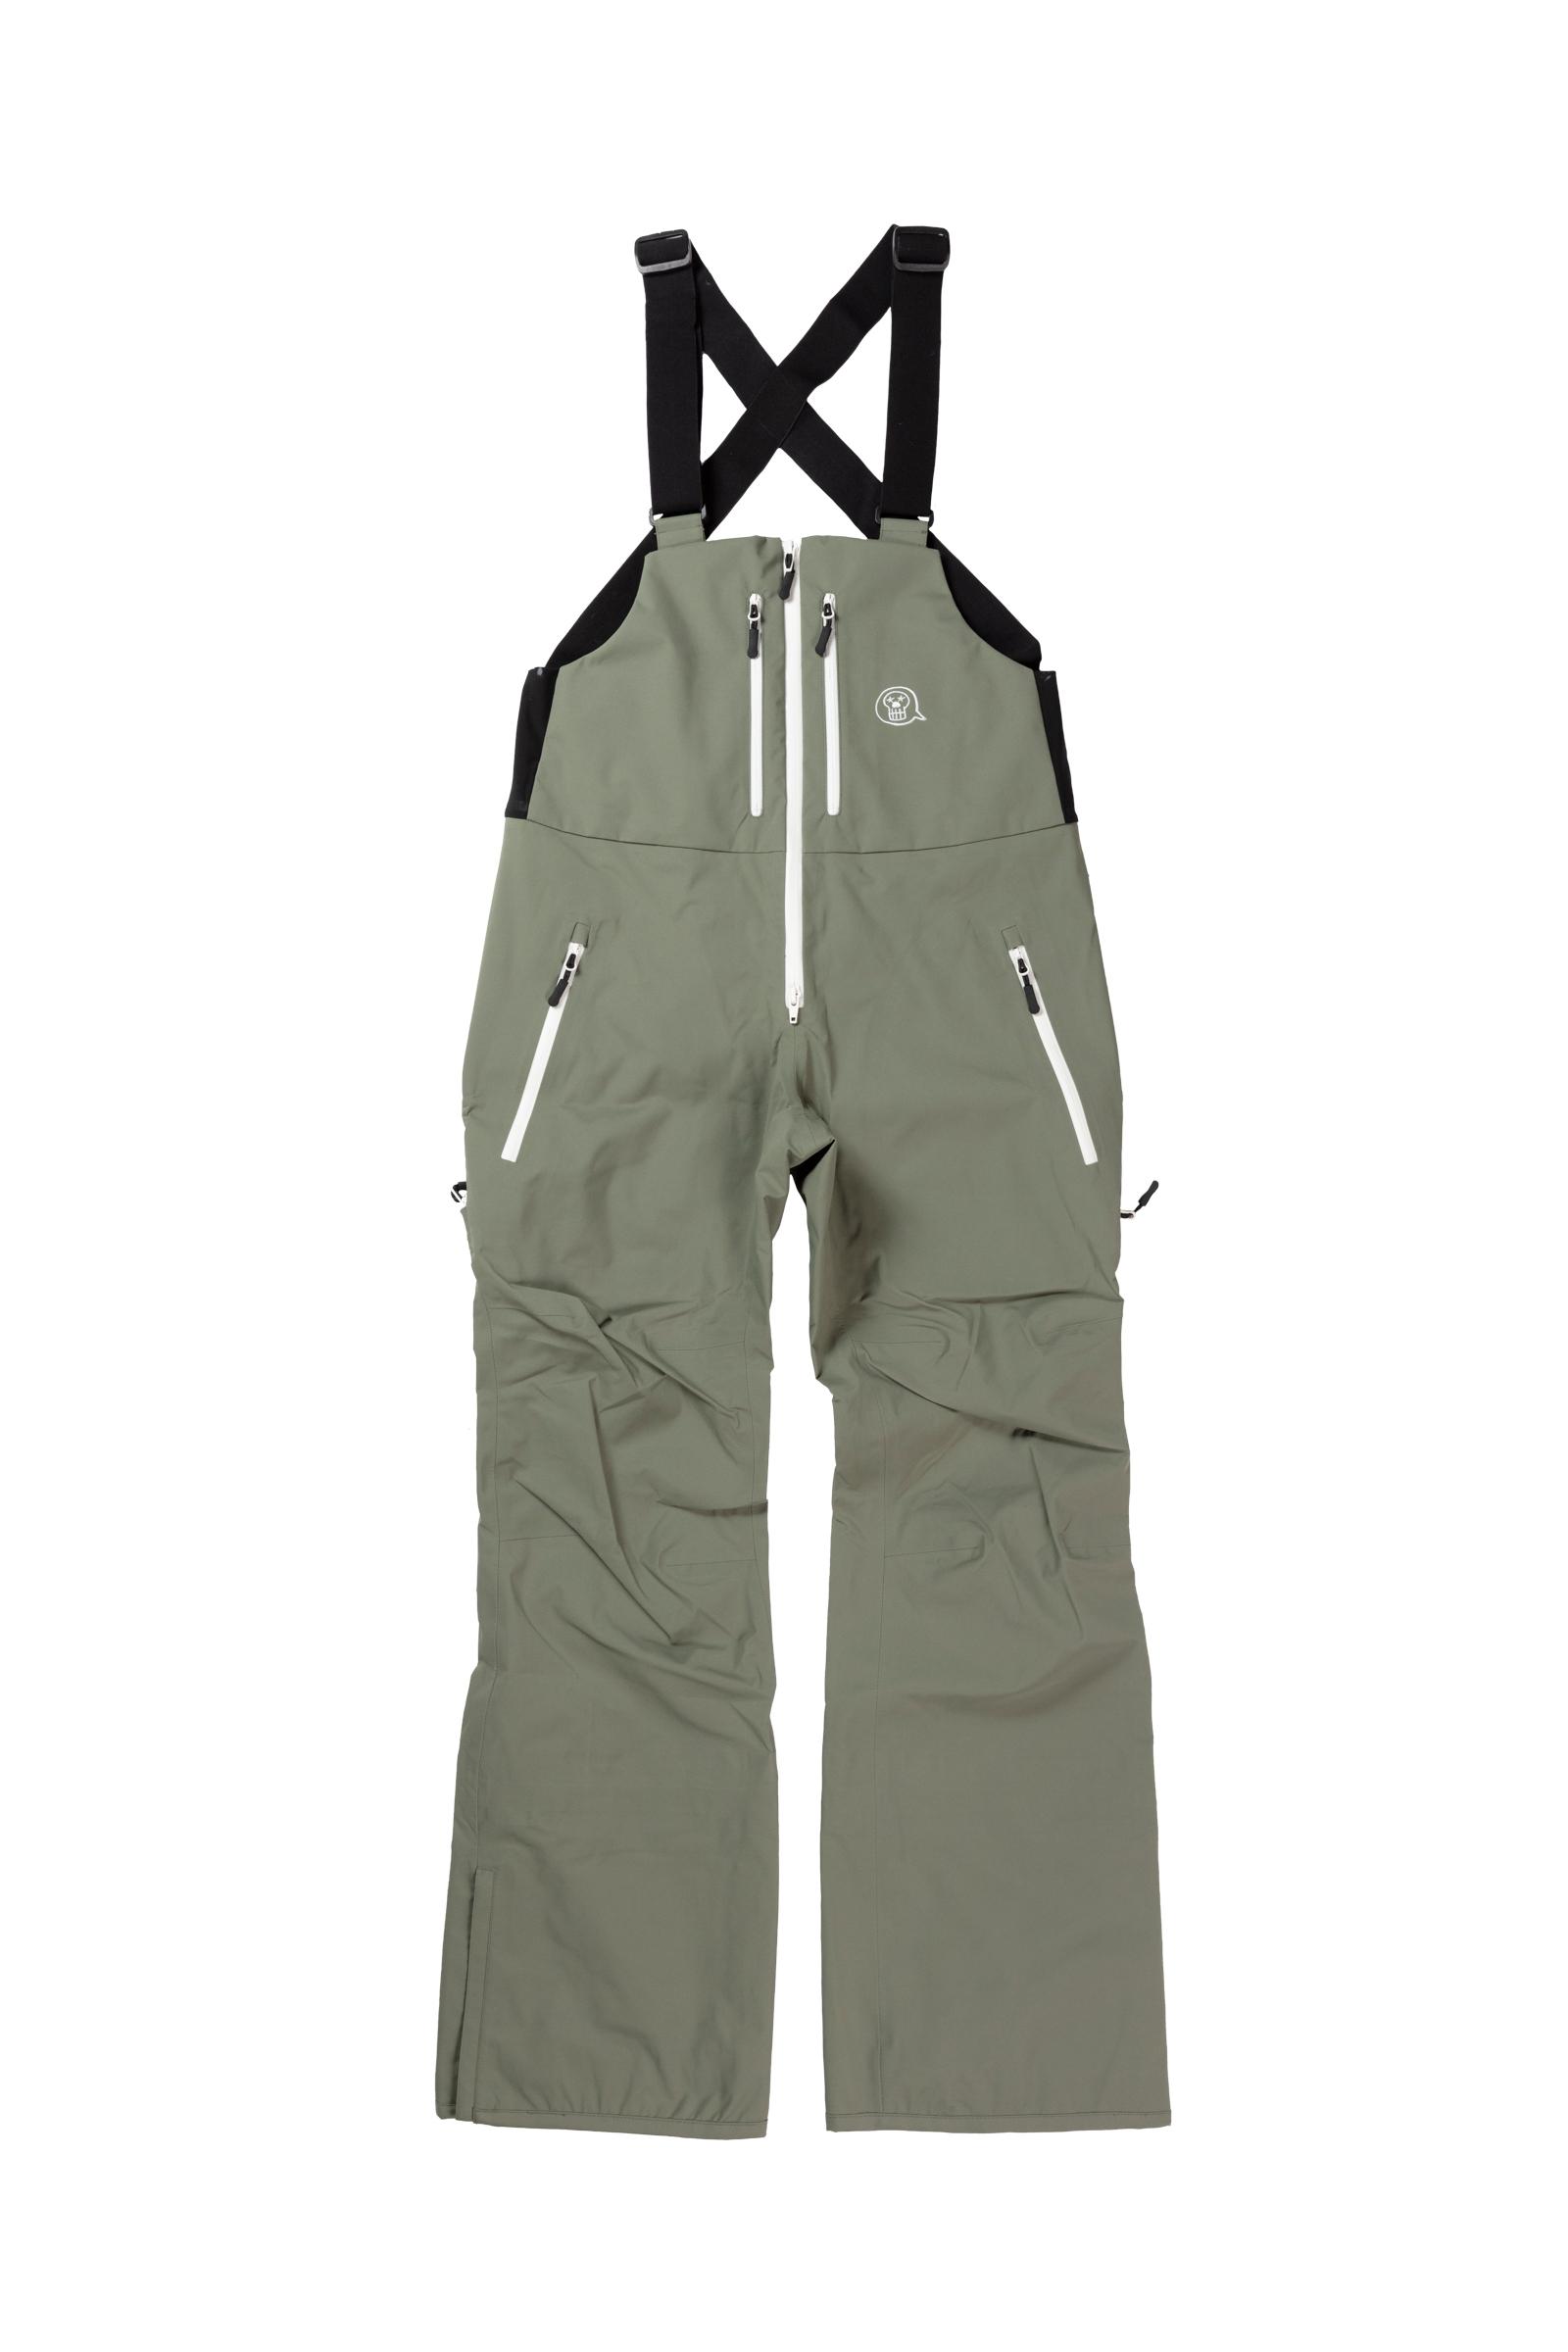 2021unfudge snow wear // SMOKE BIB PANTS // ARMY / 10月中旬発送